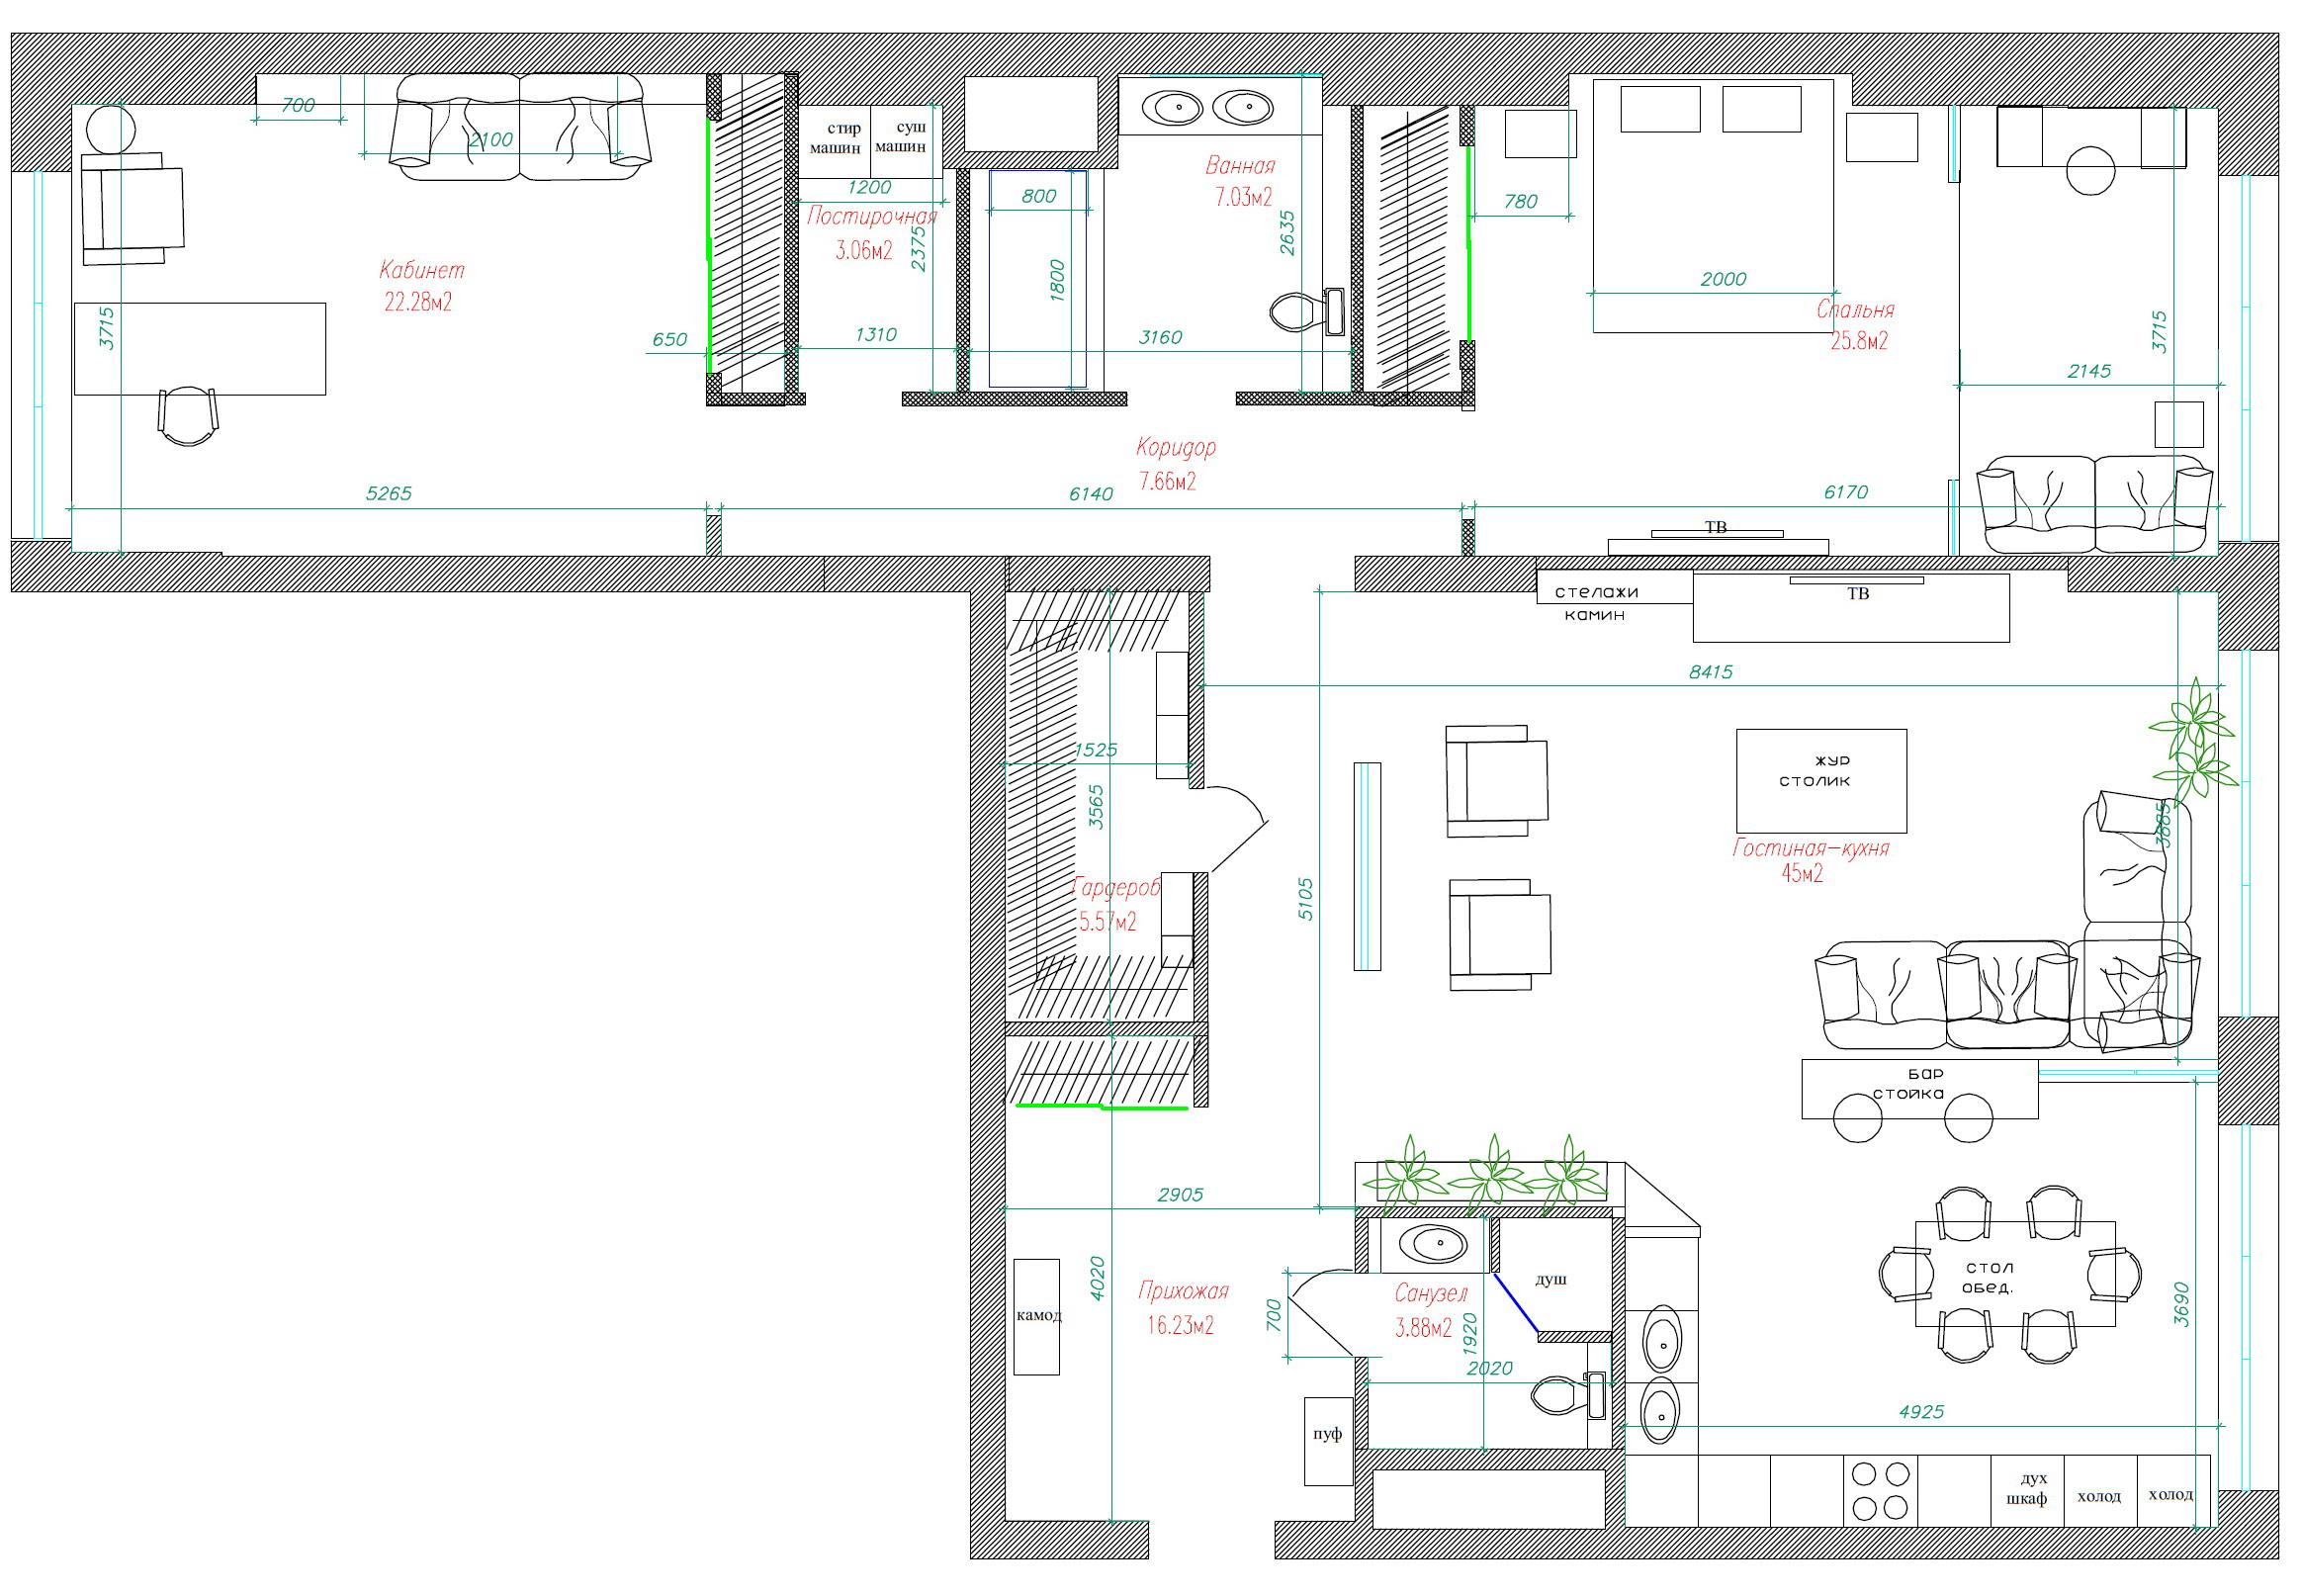 Перепланировка квартиры с переносом кухни - ГСПСРУ